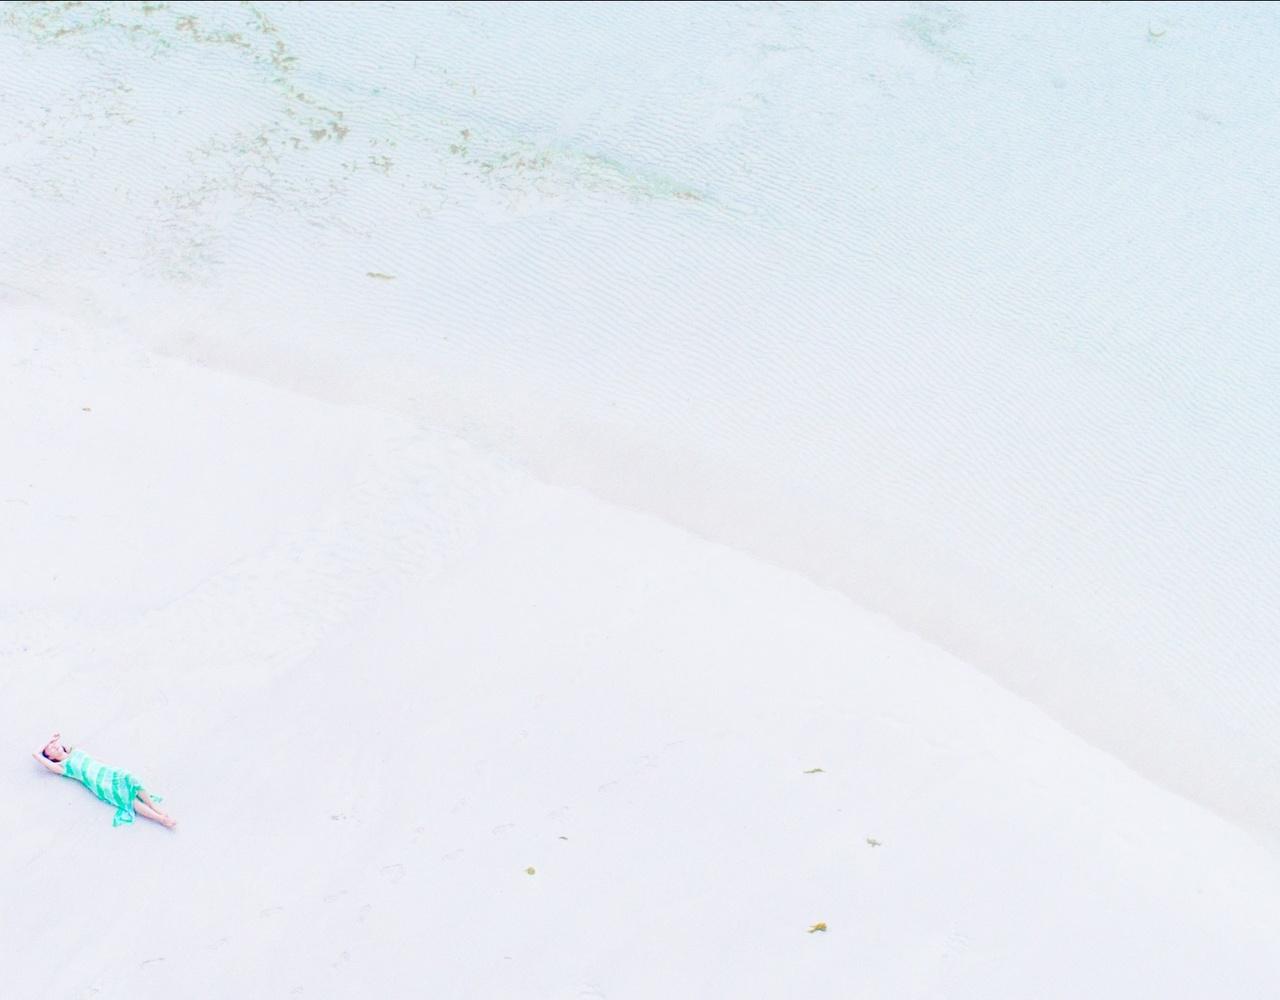 菲律宾锡基霍尔岛